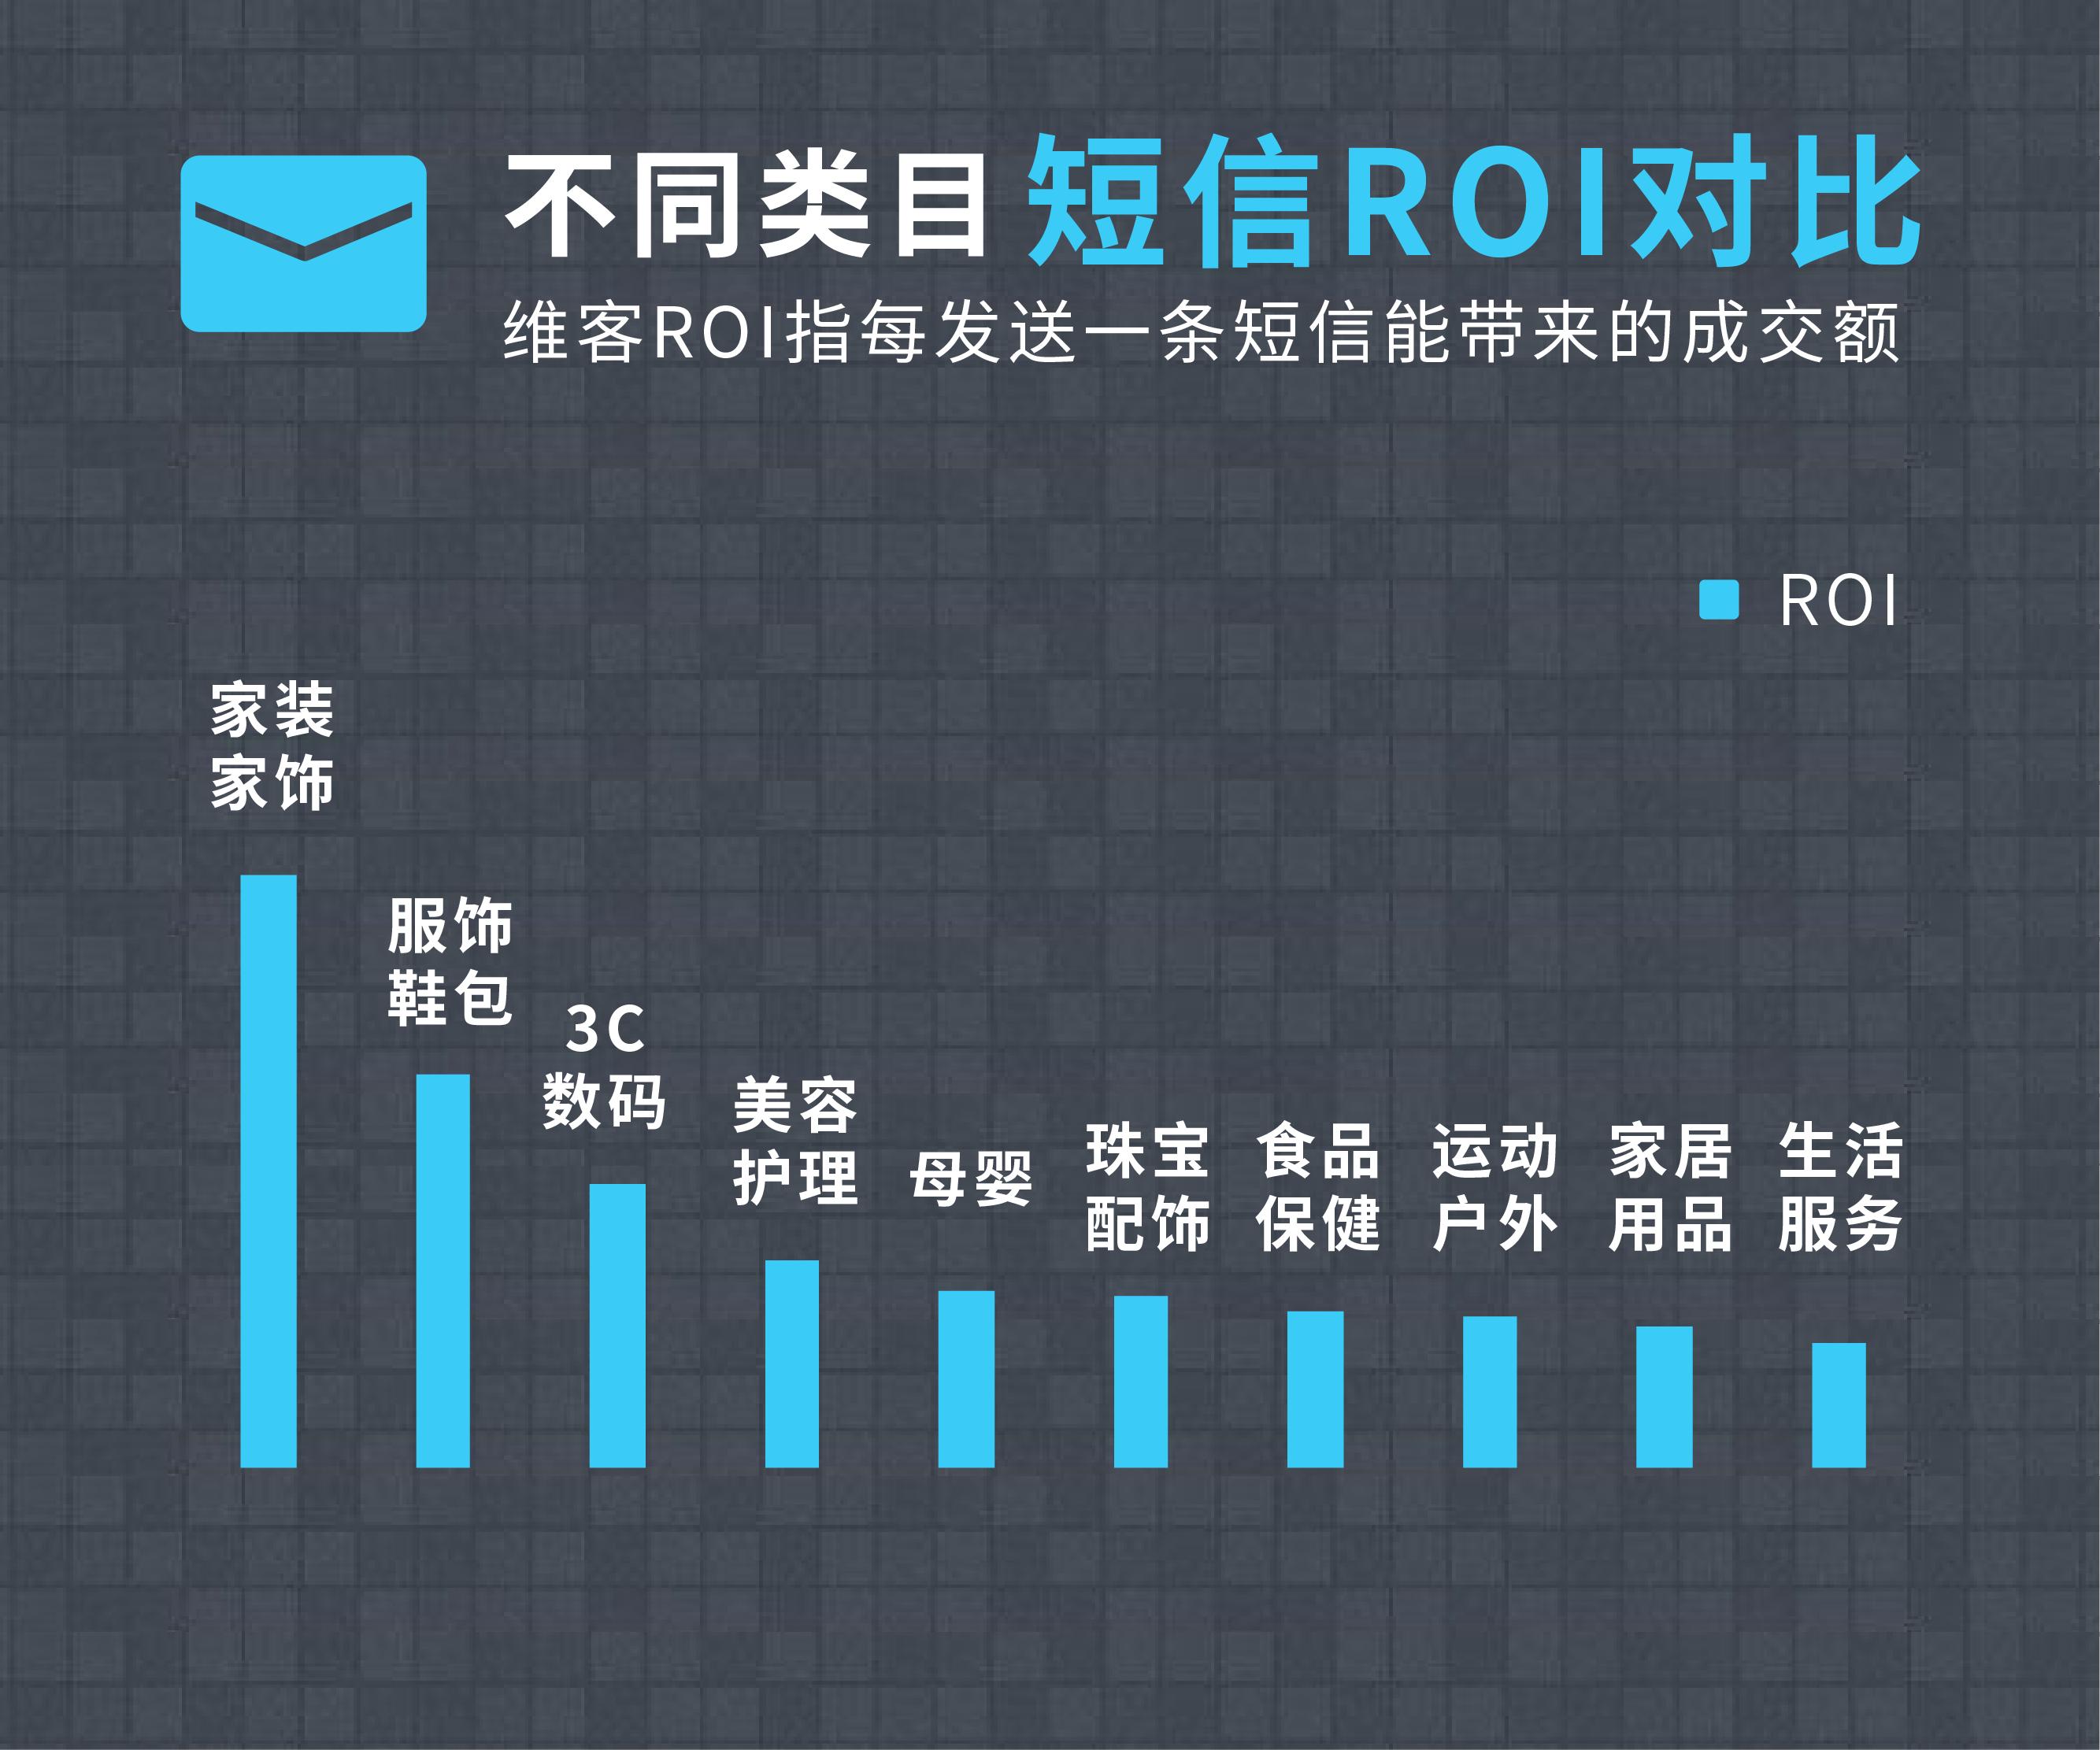 微信双十一短信营销数据图表-09.png